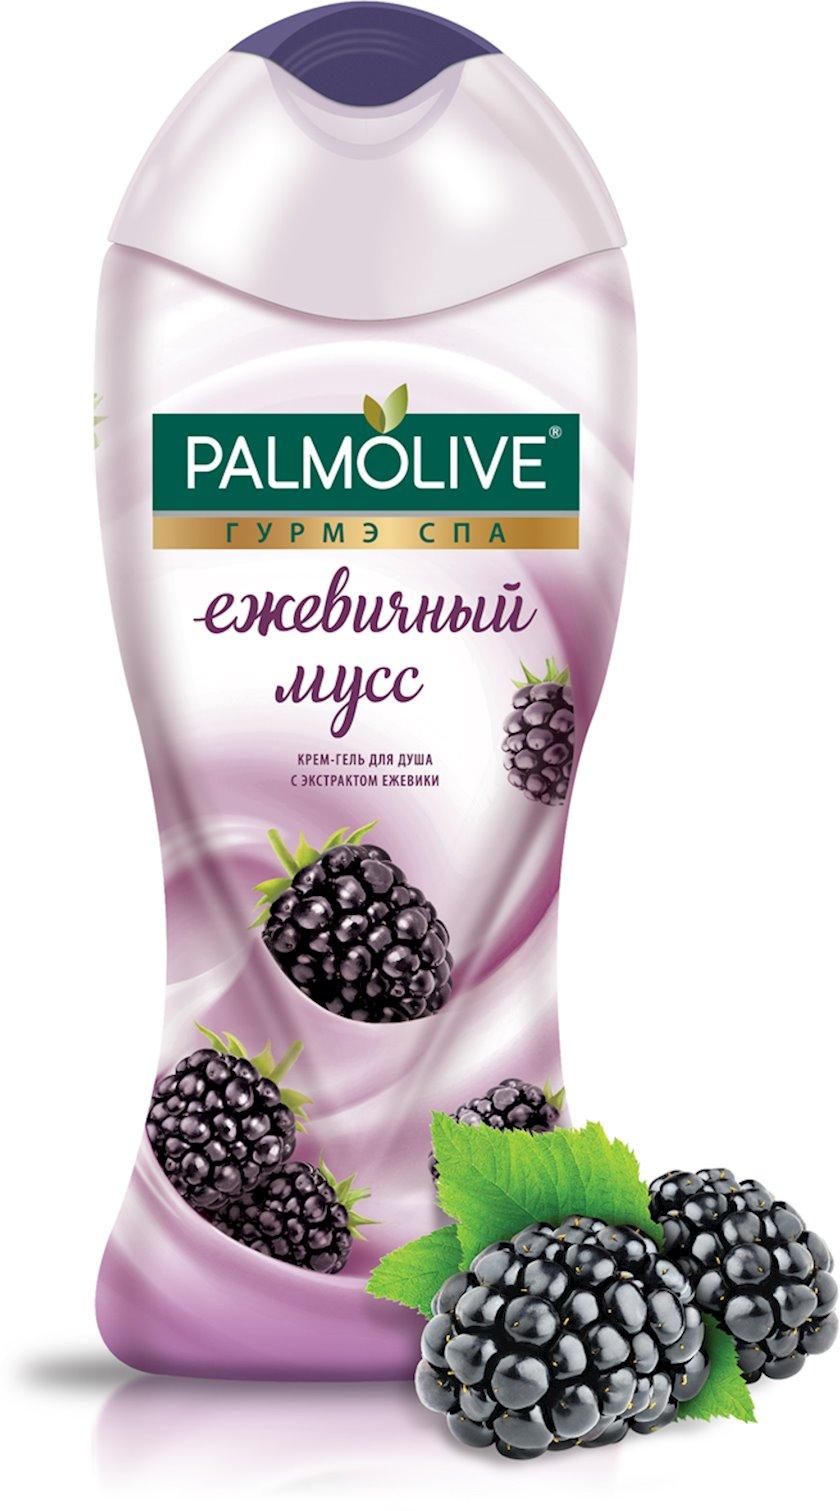 Duş üçün gel-krem Palmolive Гурмэ SPA Böyürtkənli muss, böyürtkən ekstraktı ilə, 250 ml